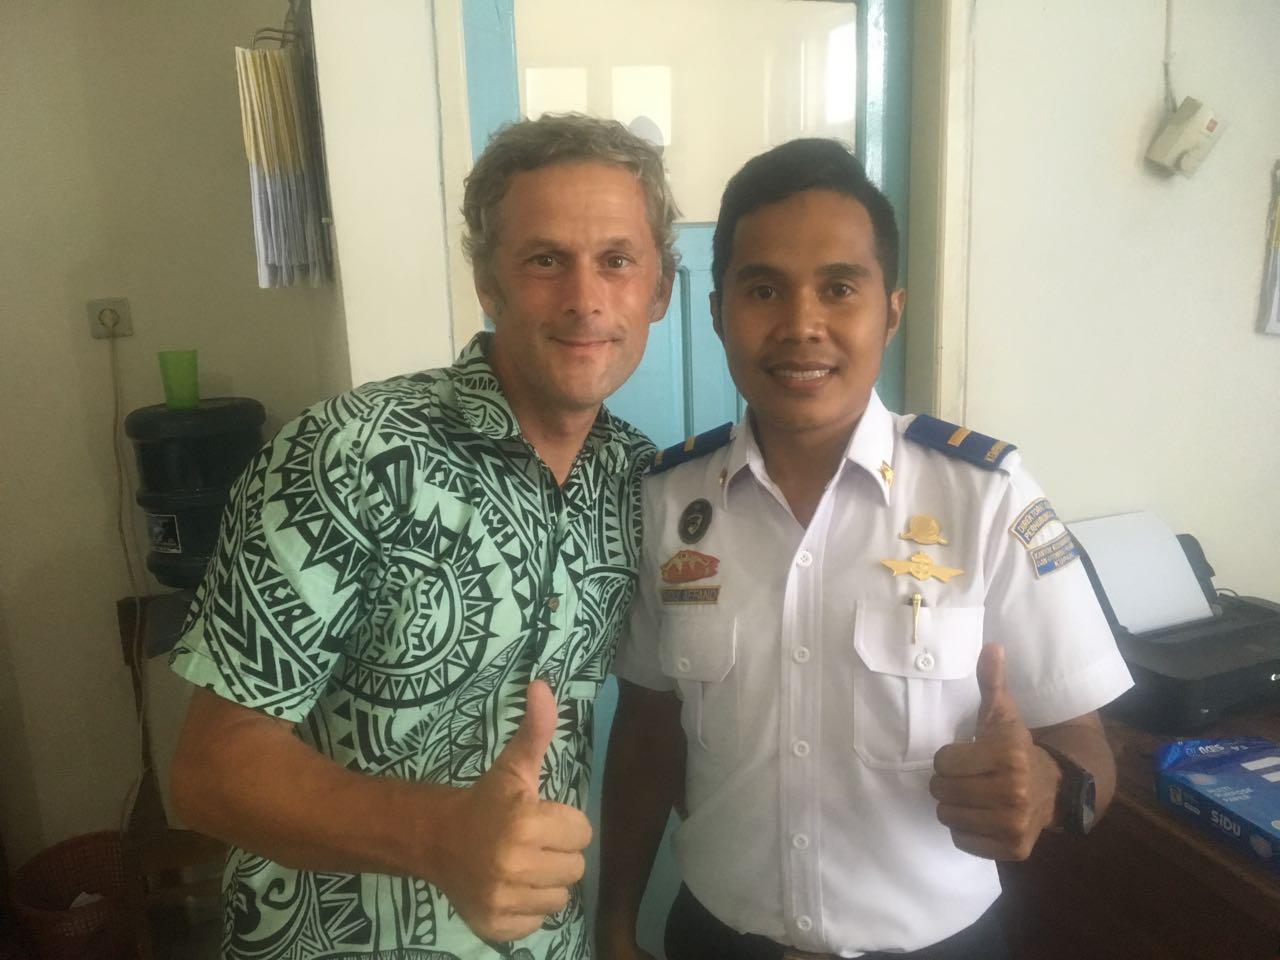 Dieser Officer beim Harbourmaster in Kupang beeindruckt mich mit seinem strahlend weissen Hemd